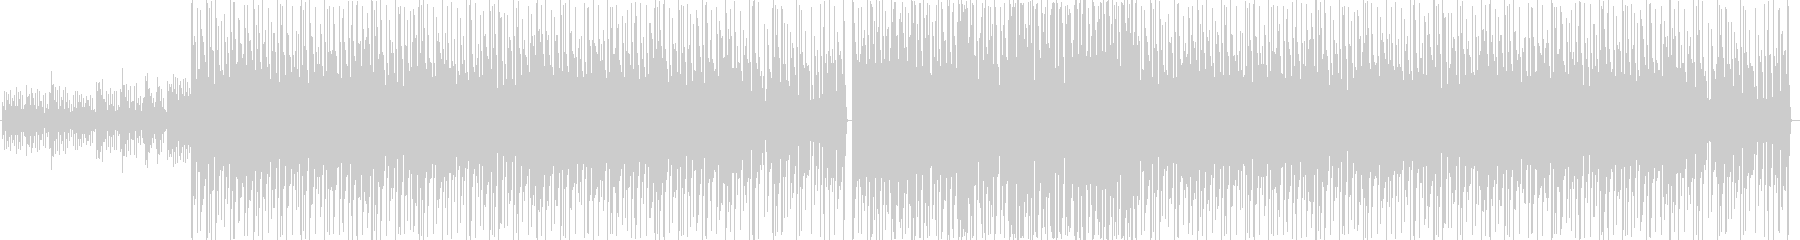 ブルース、反復的、シンプルなメロデ...の未再生の波形